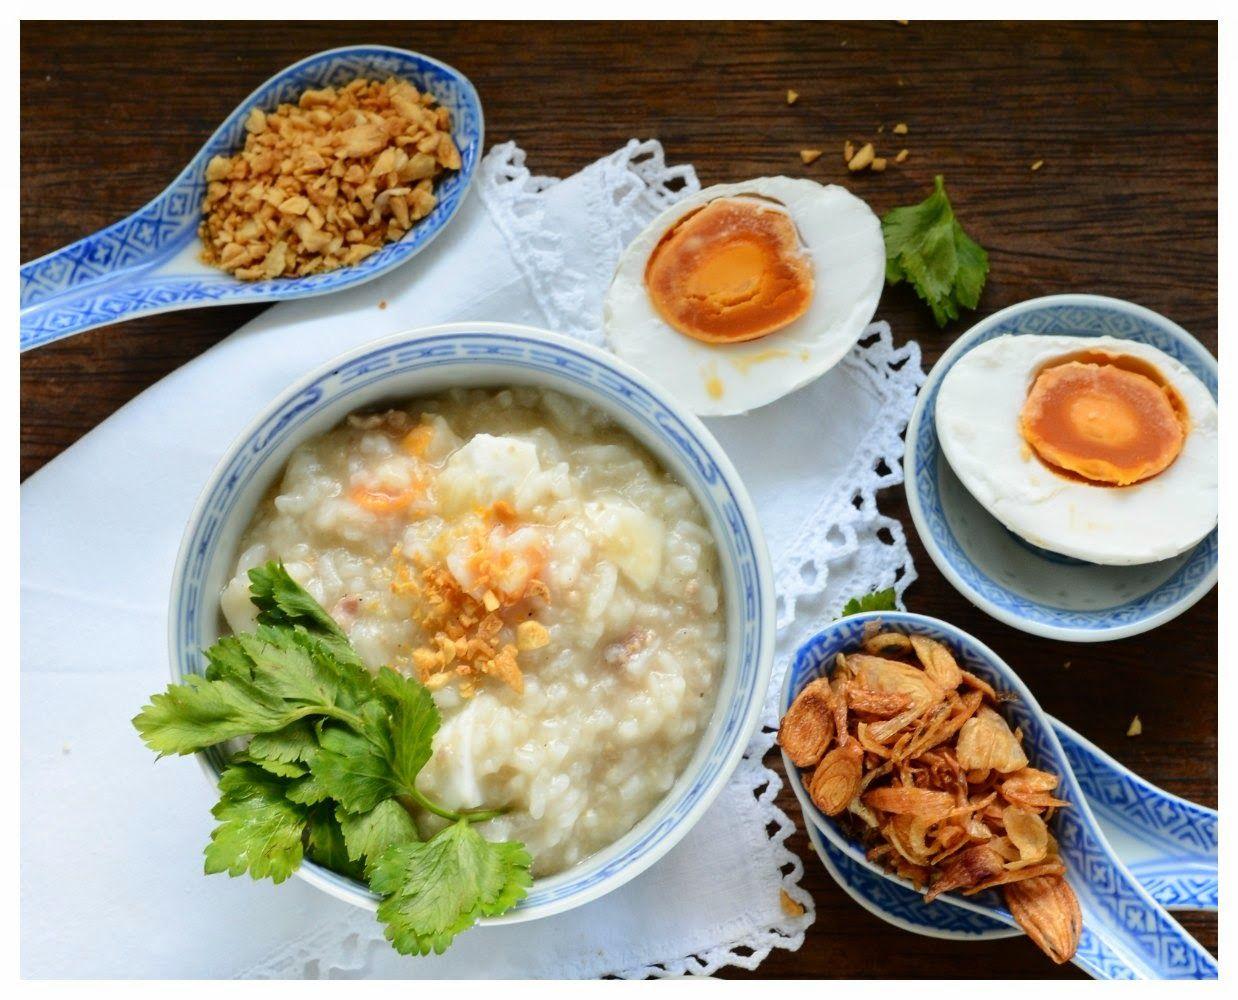 Indonesian Medan Food Bubur Ayam Telur Asin Rice Porridge With Salted Eggs Resep Masakan Resep Makanan Memasak